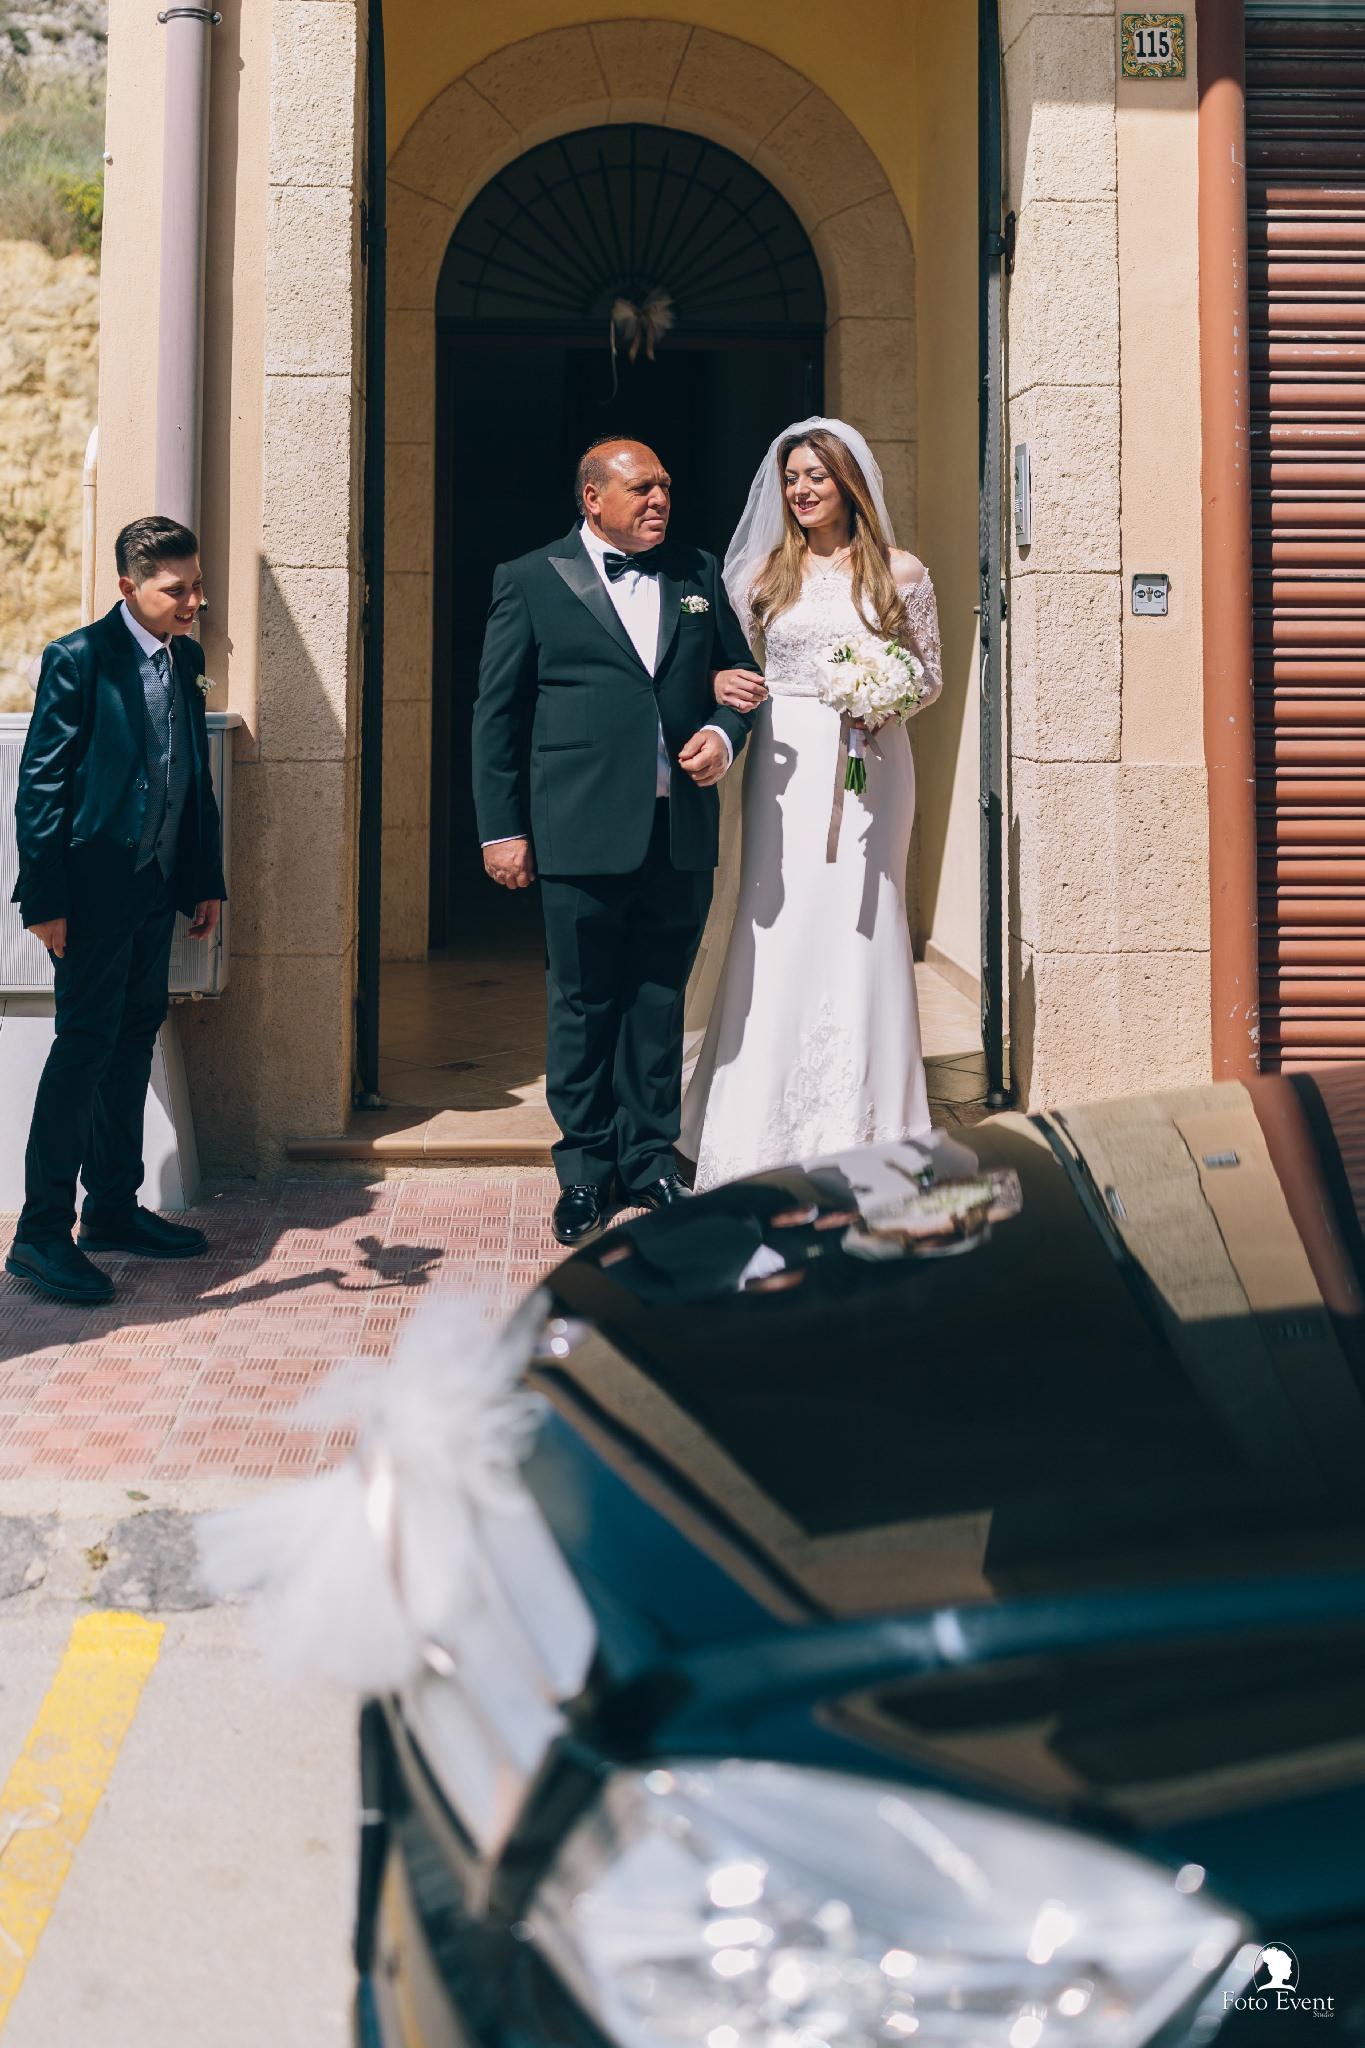 411-2019-05-09-Matrimonio-Maria-Concetta-e-Daniel-Gebbia-35mm-480